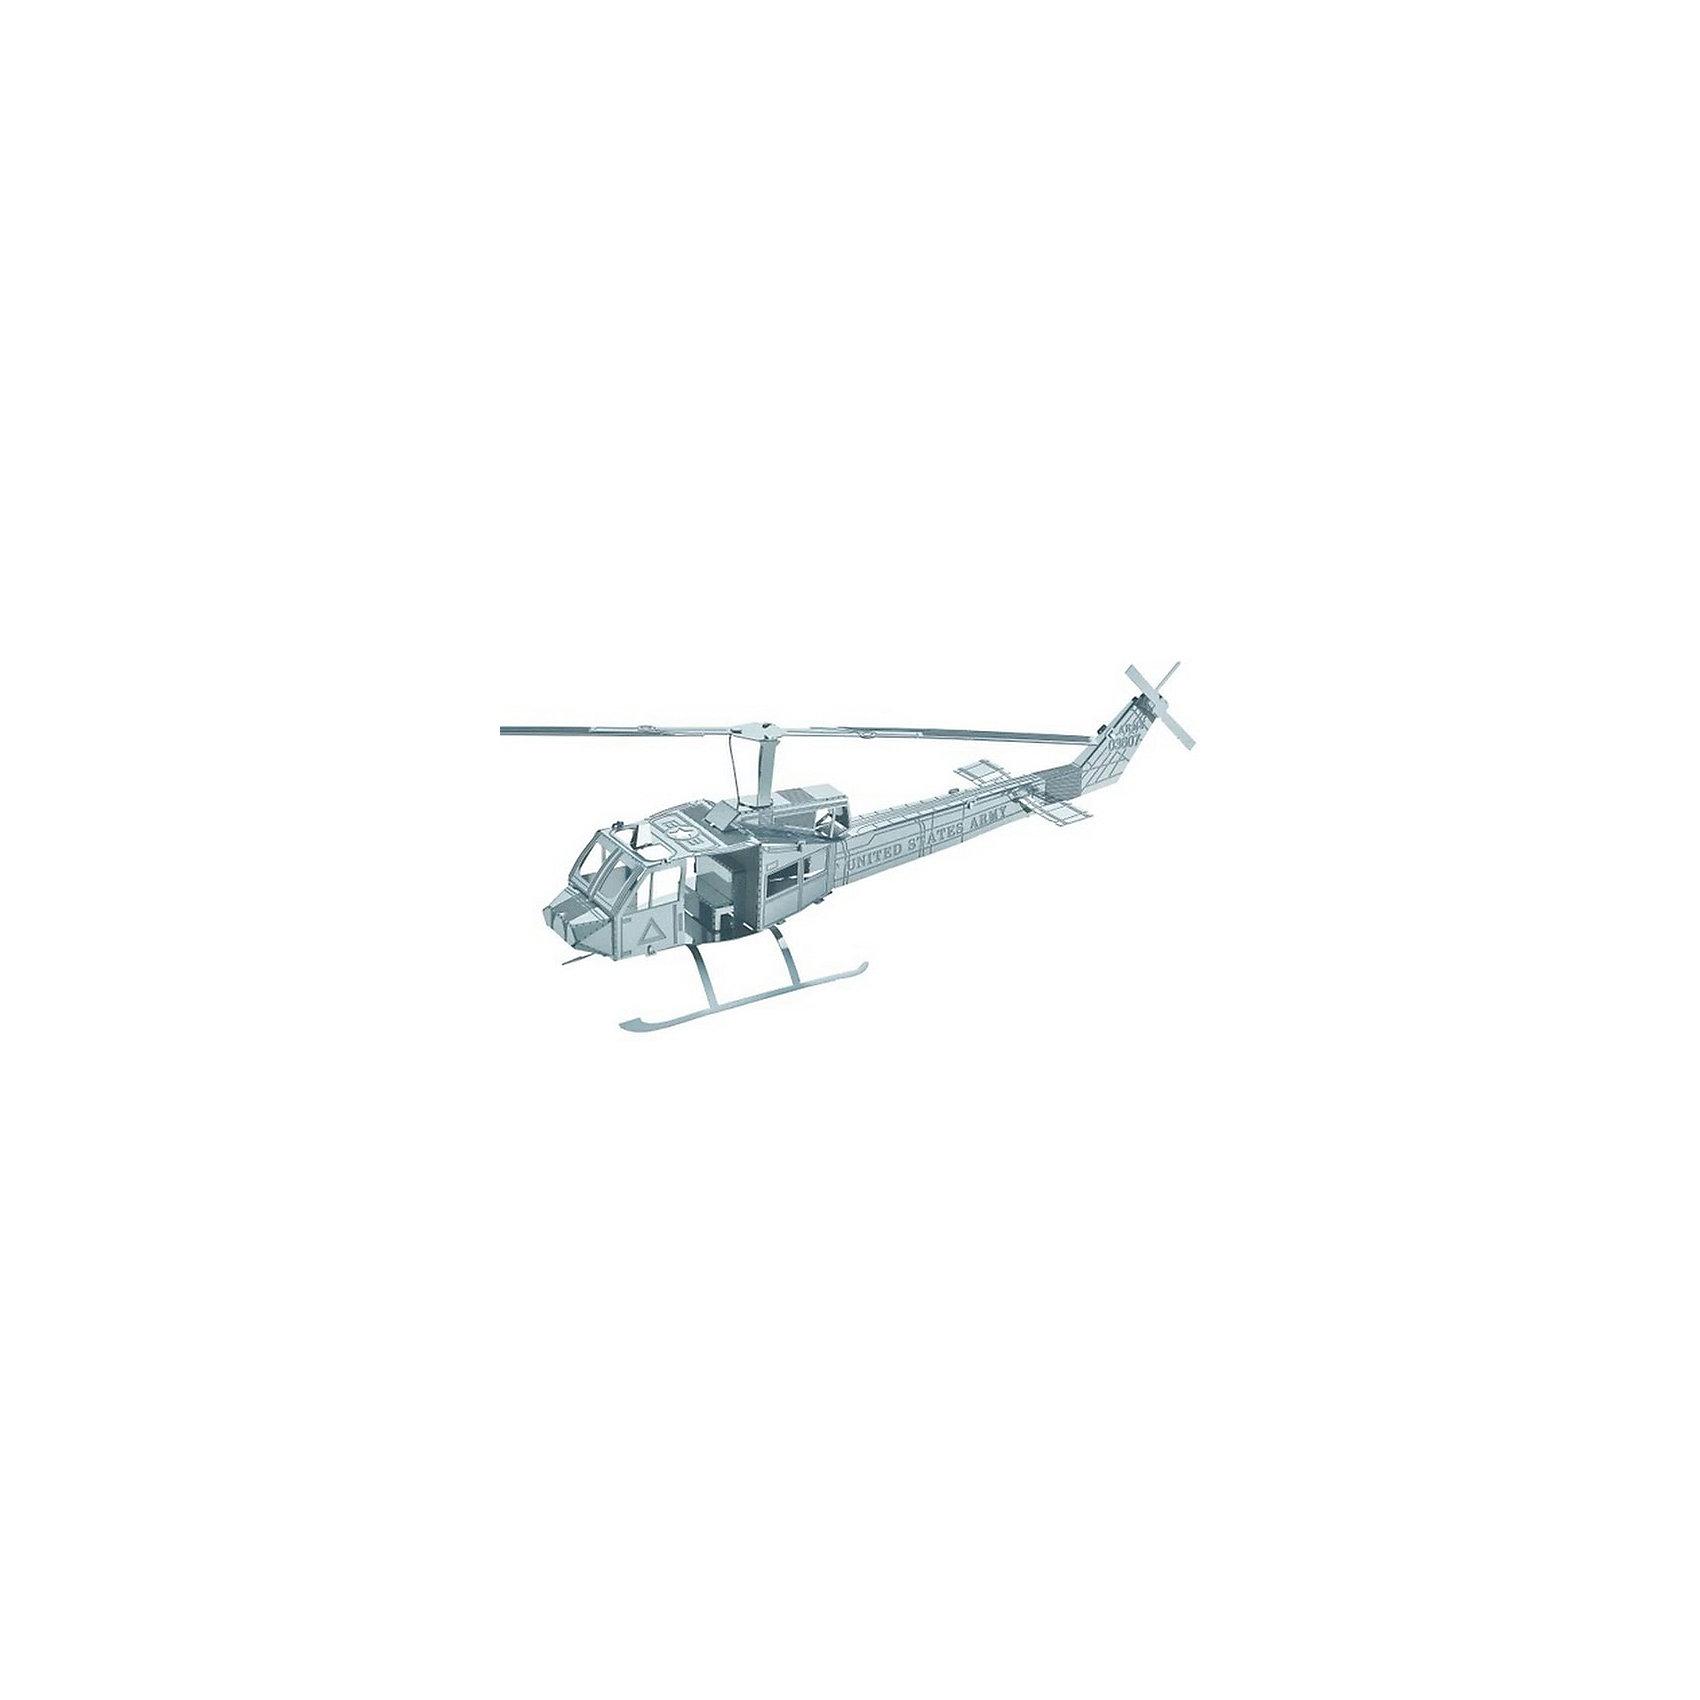 Сборная модель-3D Вертолёт UH-1 Ирокез L<br><br>Ширина мм: 17<br>Глубина мм: 12<br>Высота мм: 10<br>Вес г: 28<br>Возраст от месяцев: 144<br>Возраст до месяцев: 2147483647<br>Пол: Унисекс<br>Возраст: Детский<br>SKU: 5362969